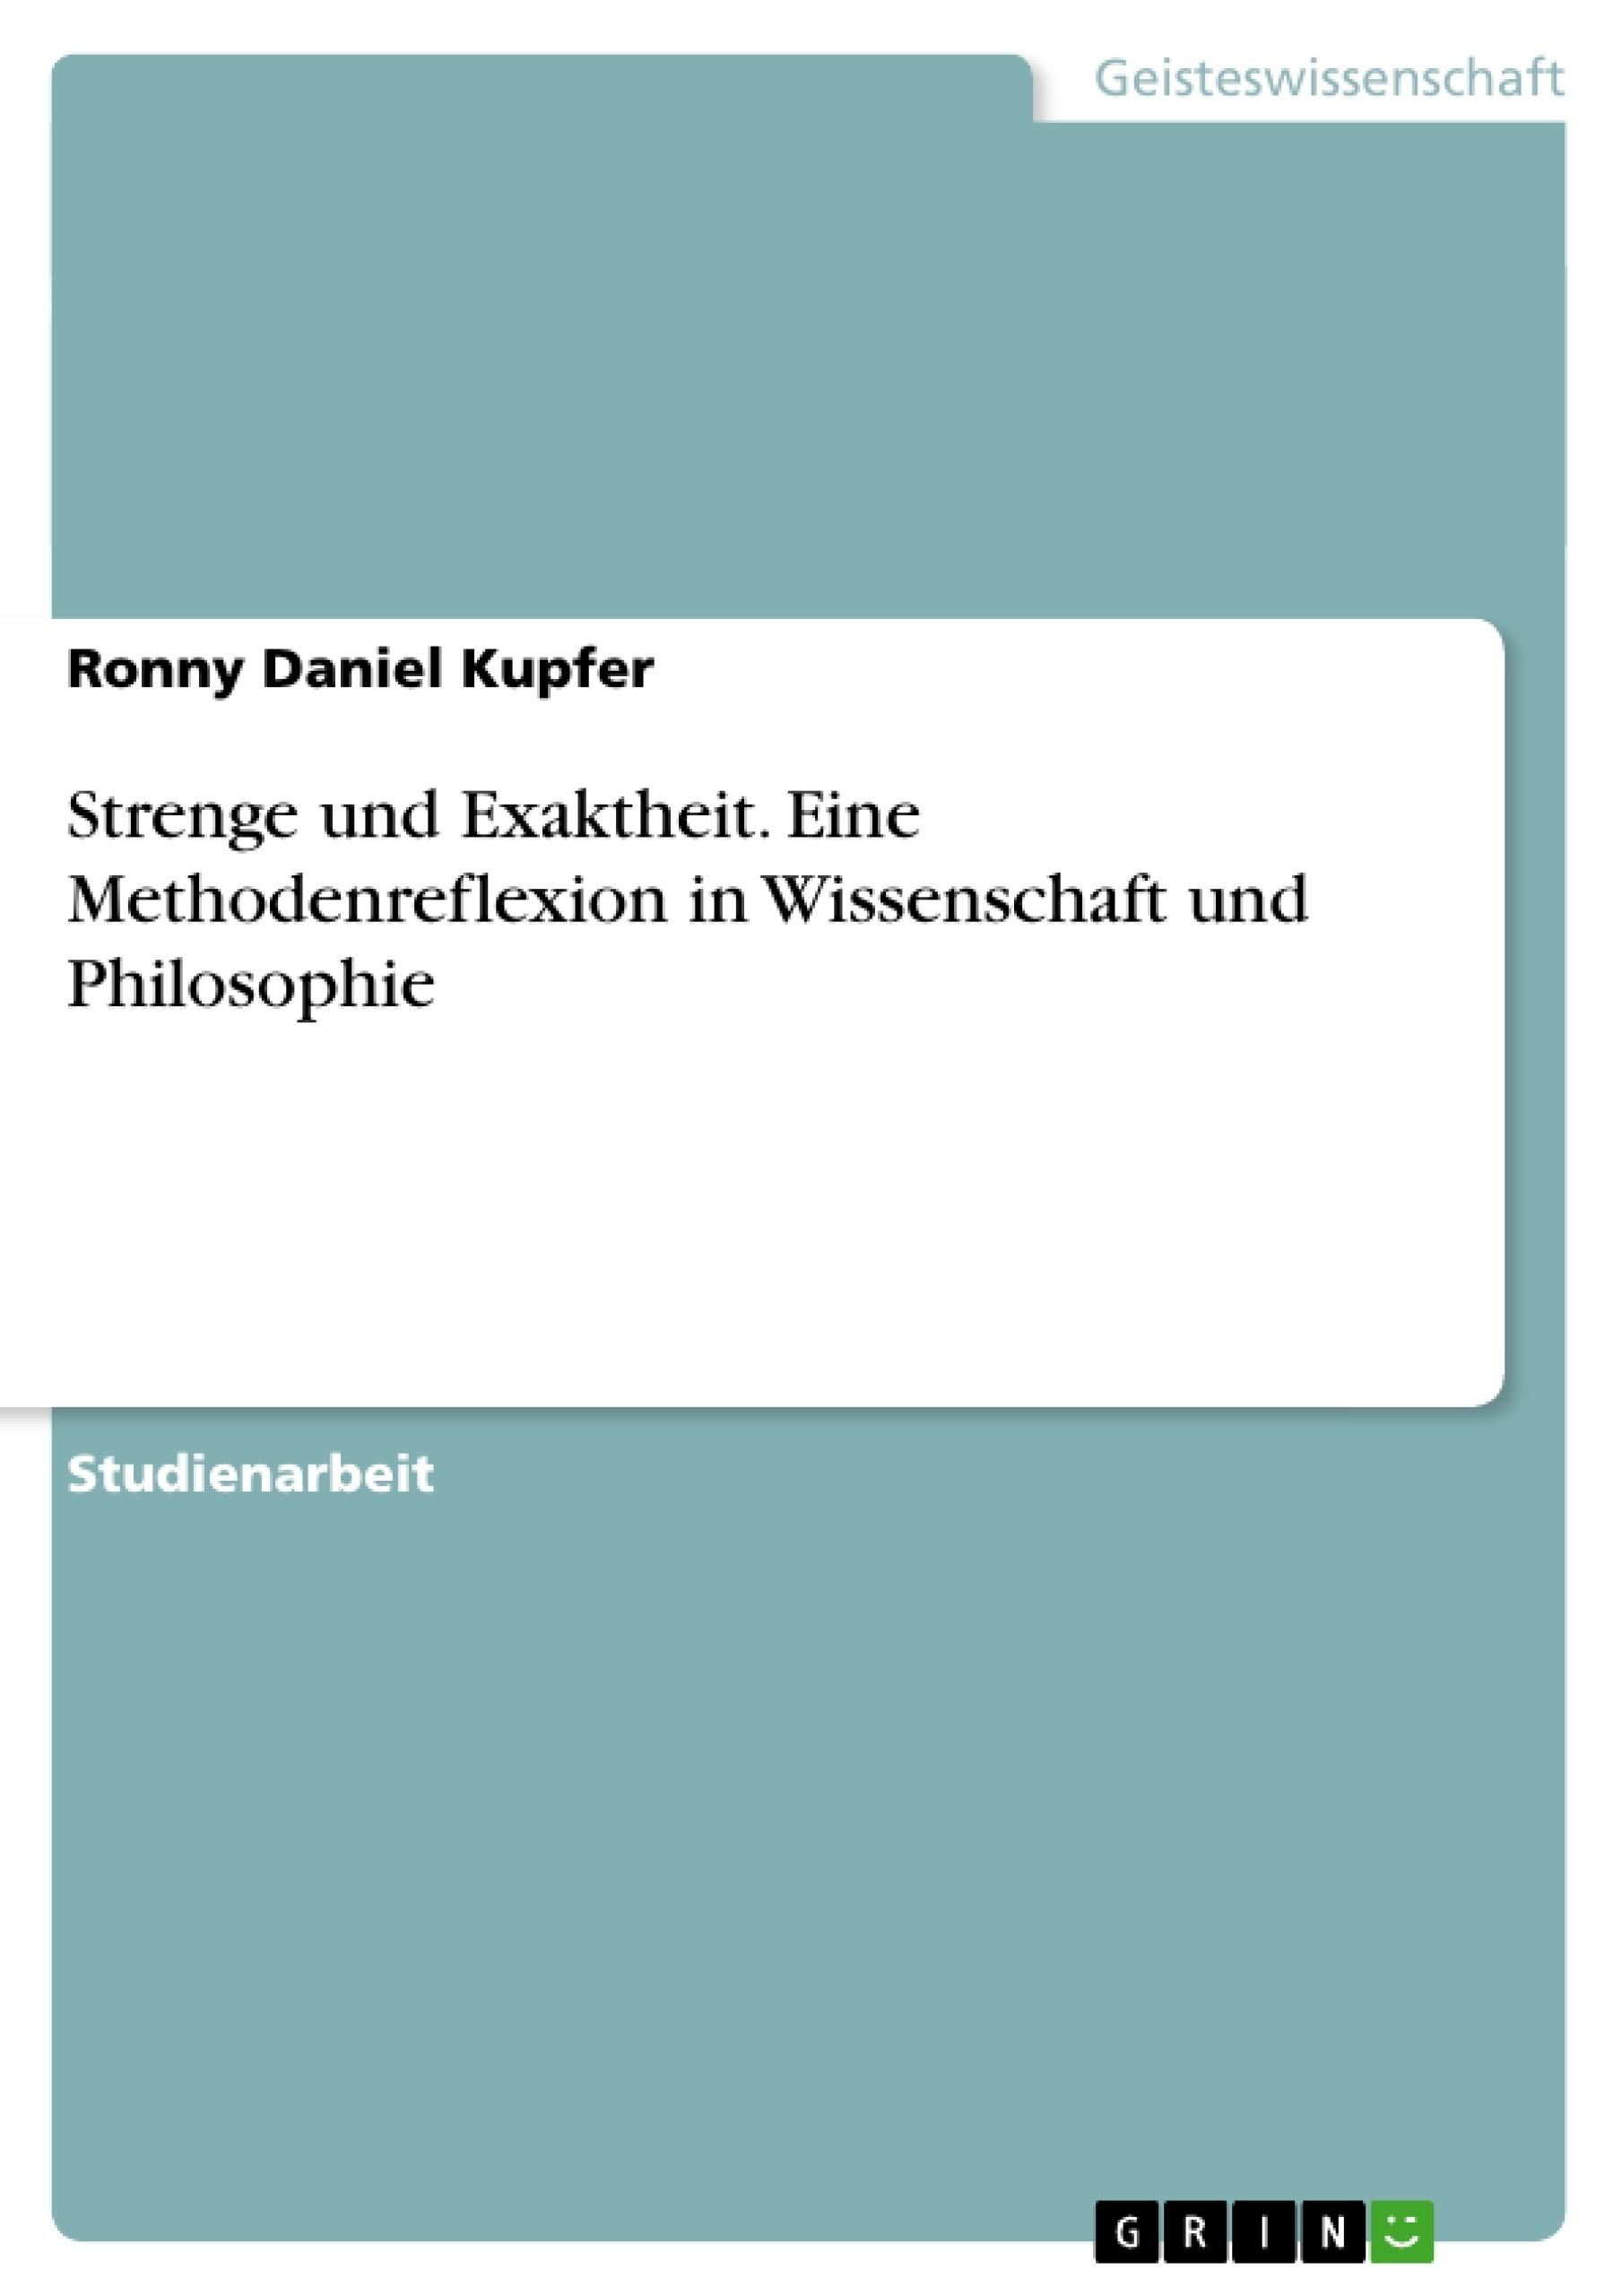 Titel: Strenge und Exaktheit. Eine Methodenreflexion in Wissenschaft und Philosophie